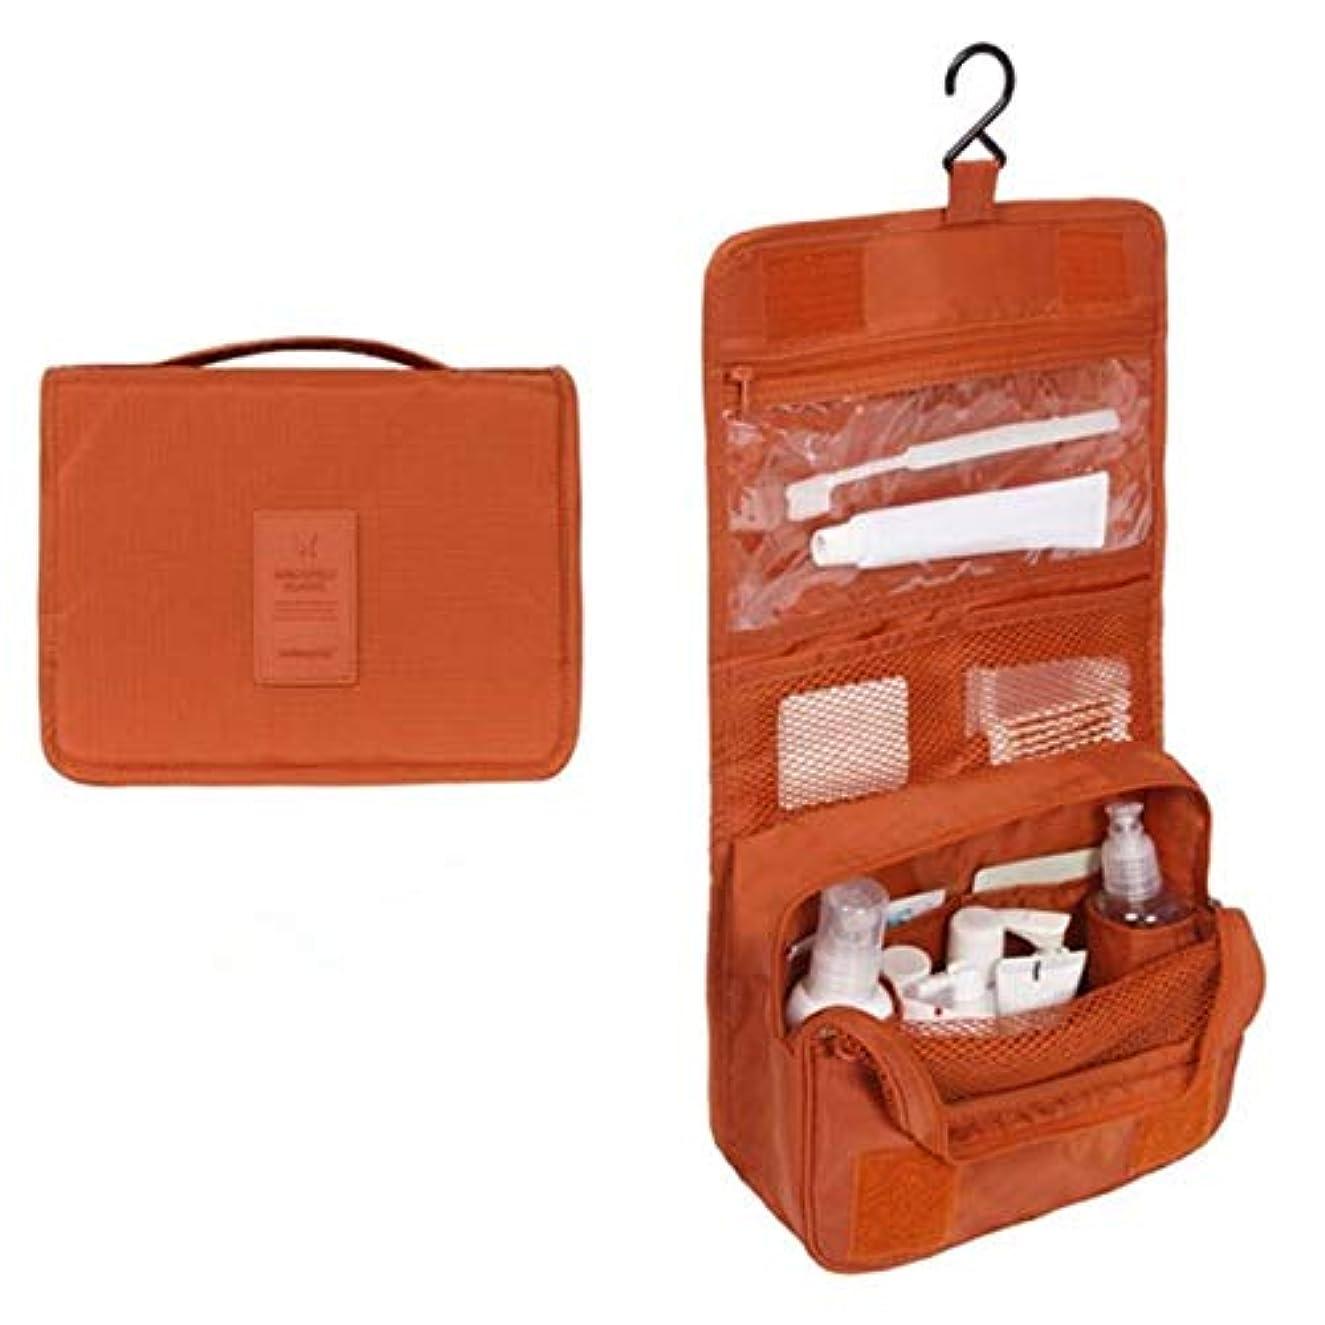 徹底的に瀬戸際全体にQuzama-JS バッグ、バッグ、バッグ、バッグ、バッグ(None Picture Color)